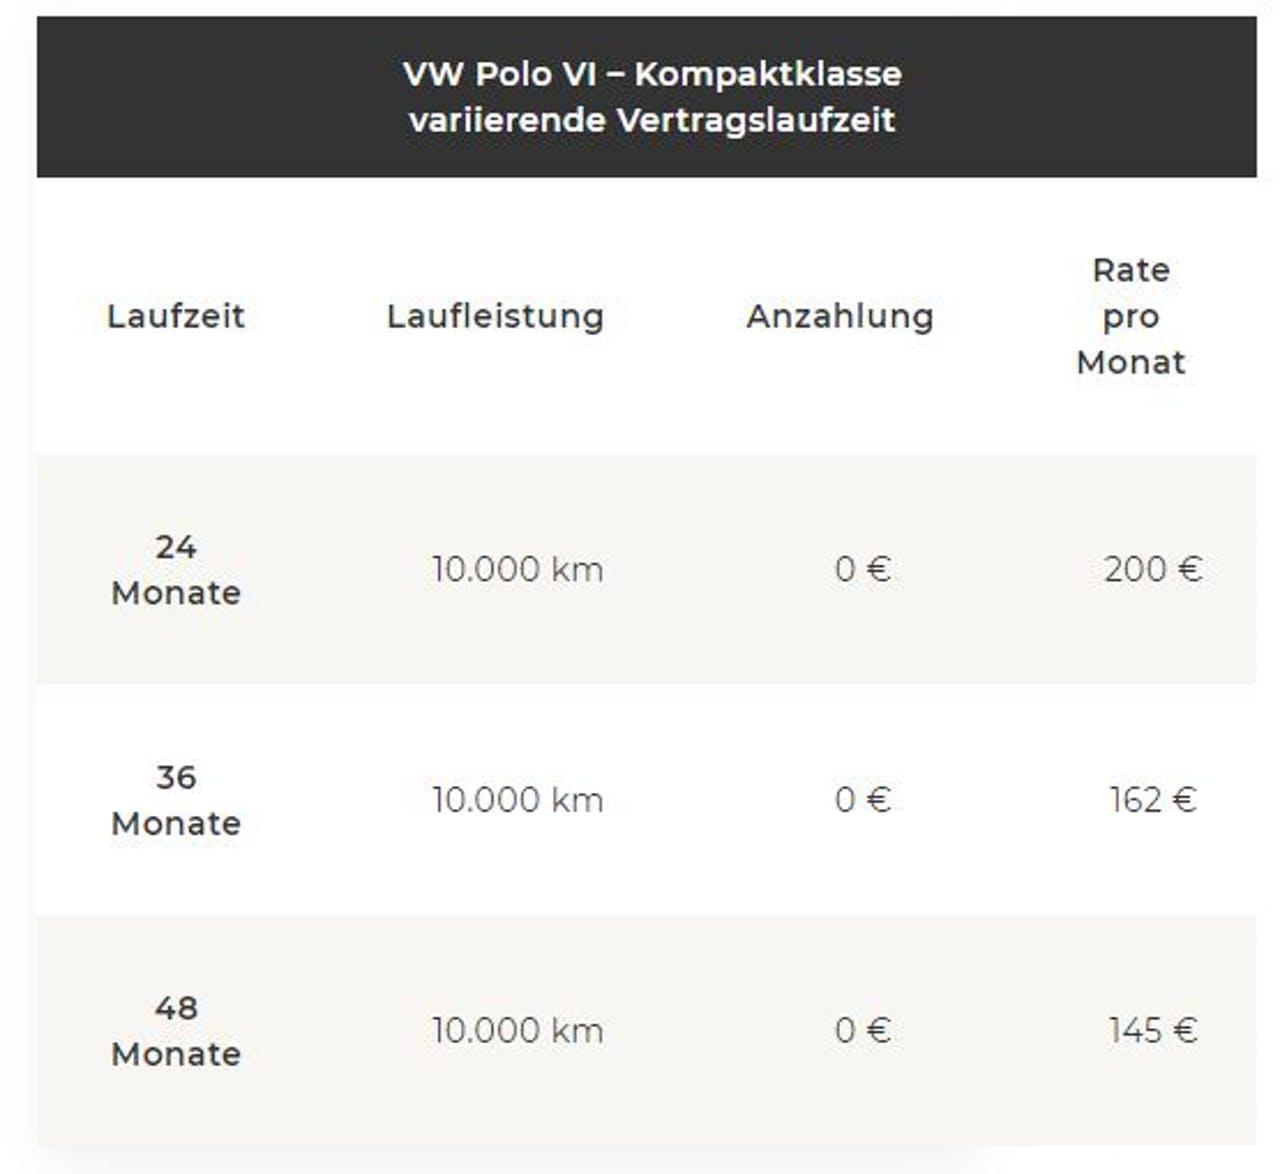 VW Polo Änderung der Leasingrate bei variierender Vertragslaufzeit